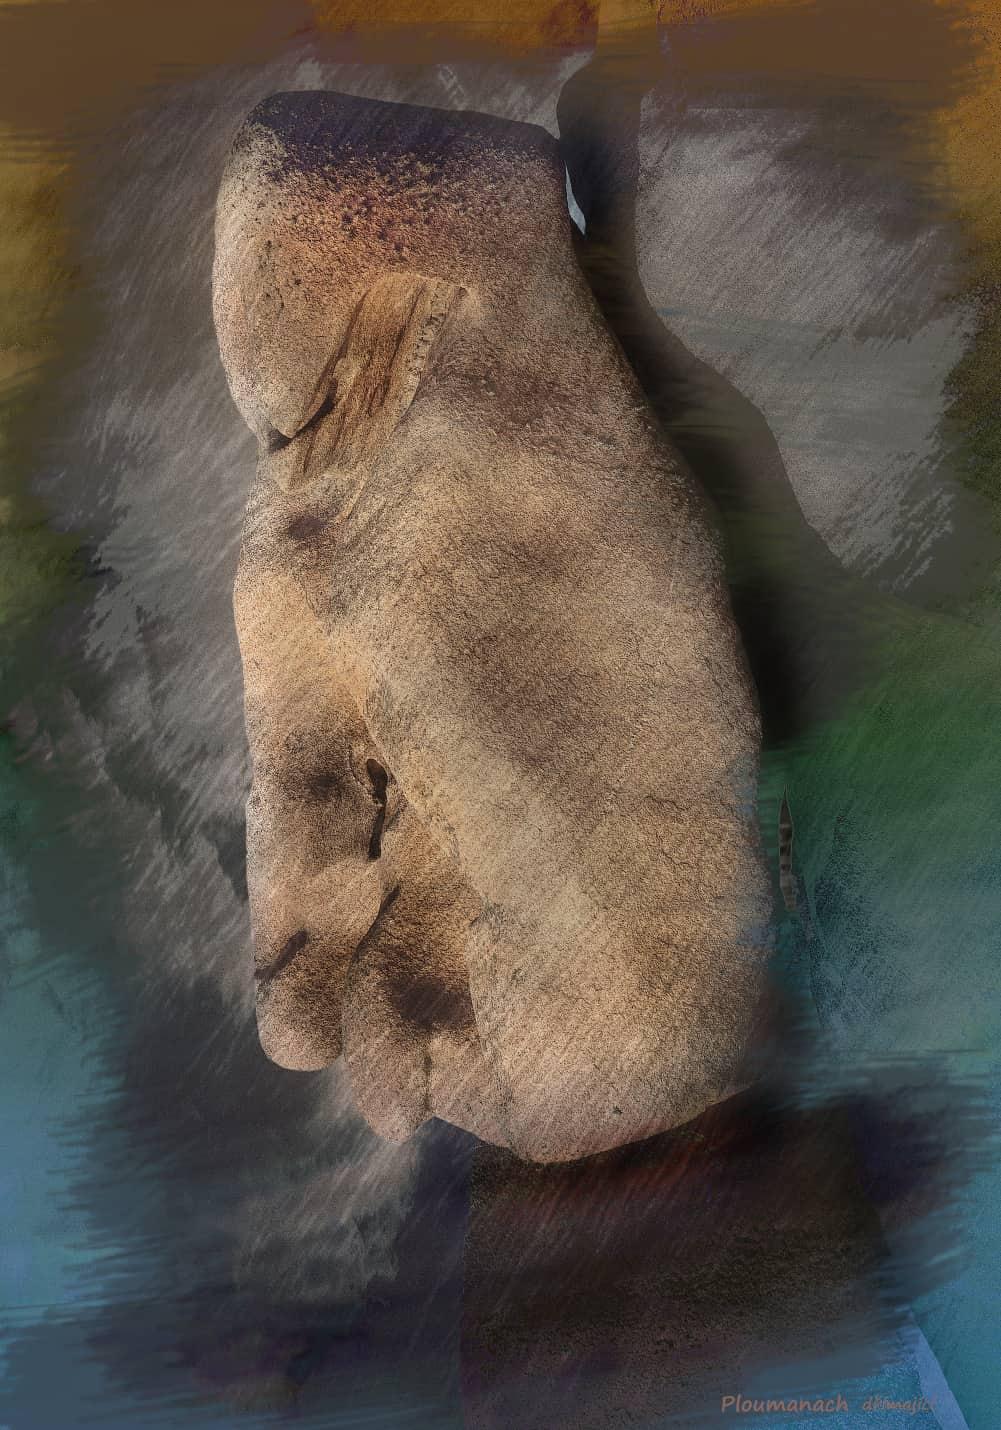 JAN LIPINA Plomanach dřímající 100x70